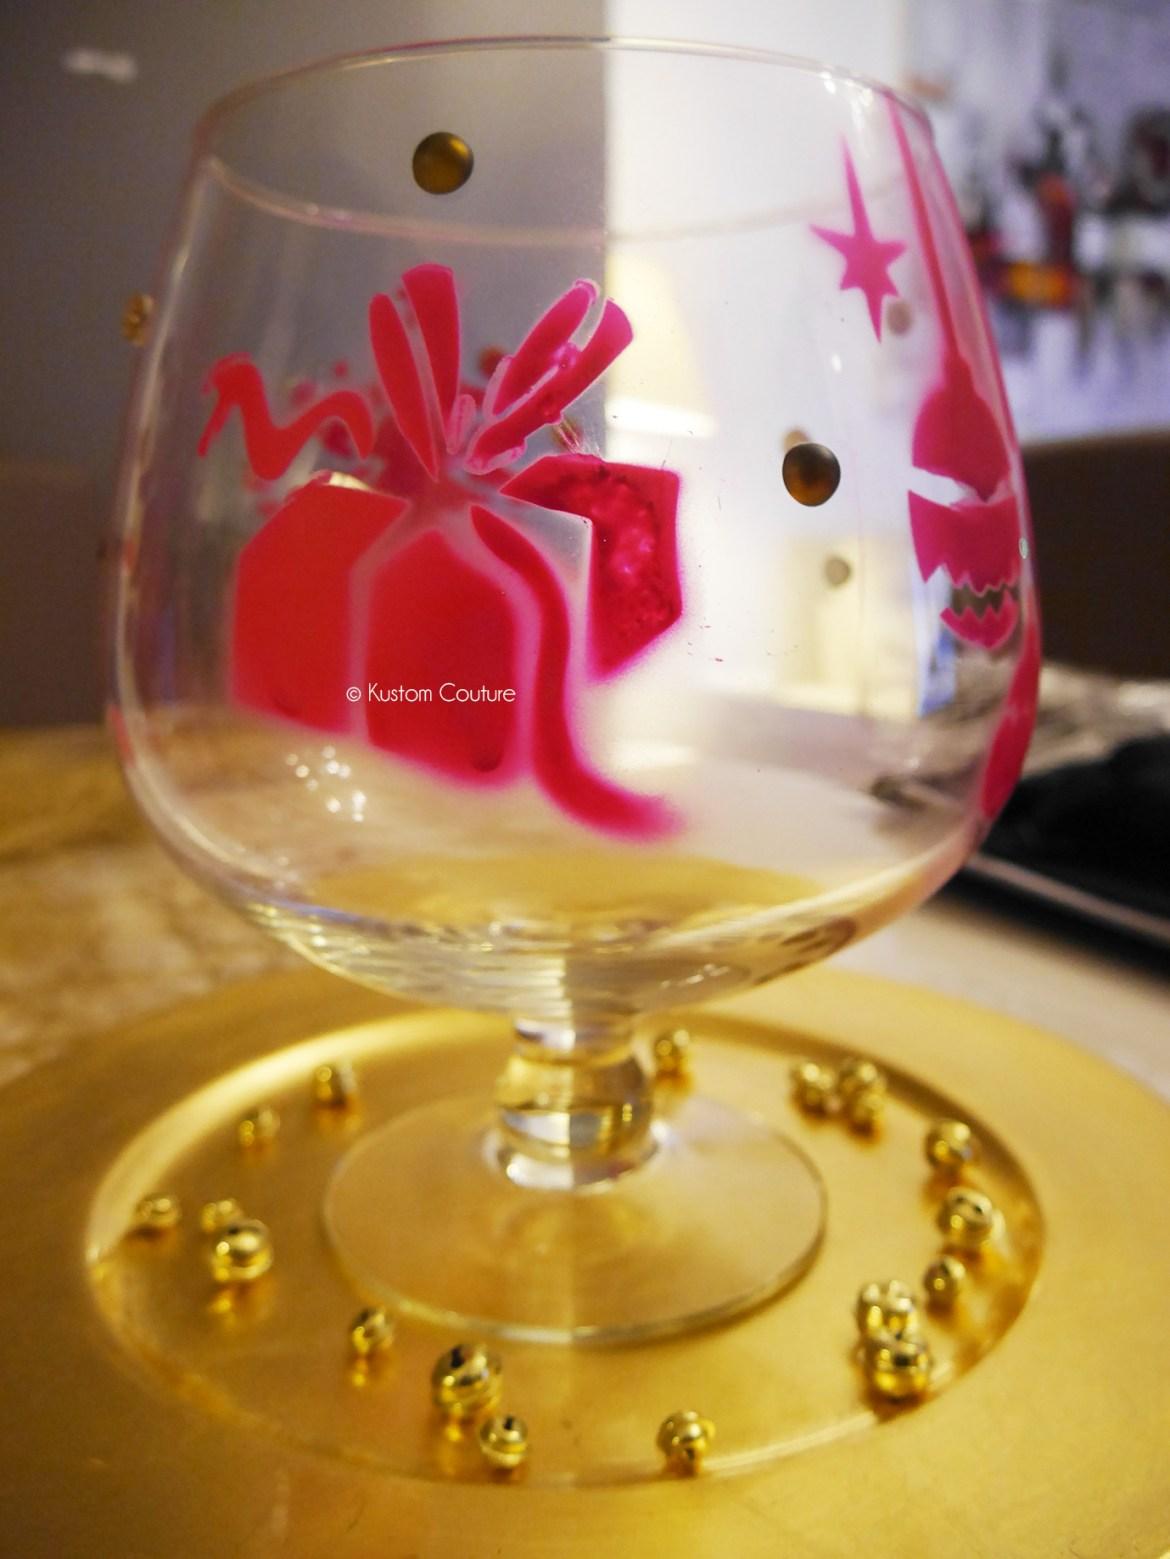 Comment créer un vase de Noël | Kustom Couture